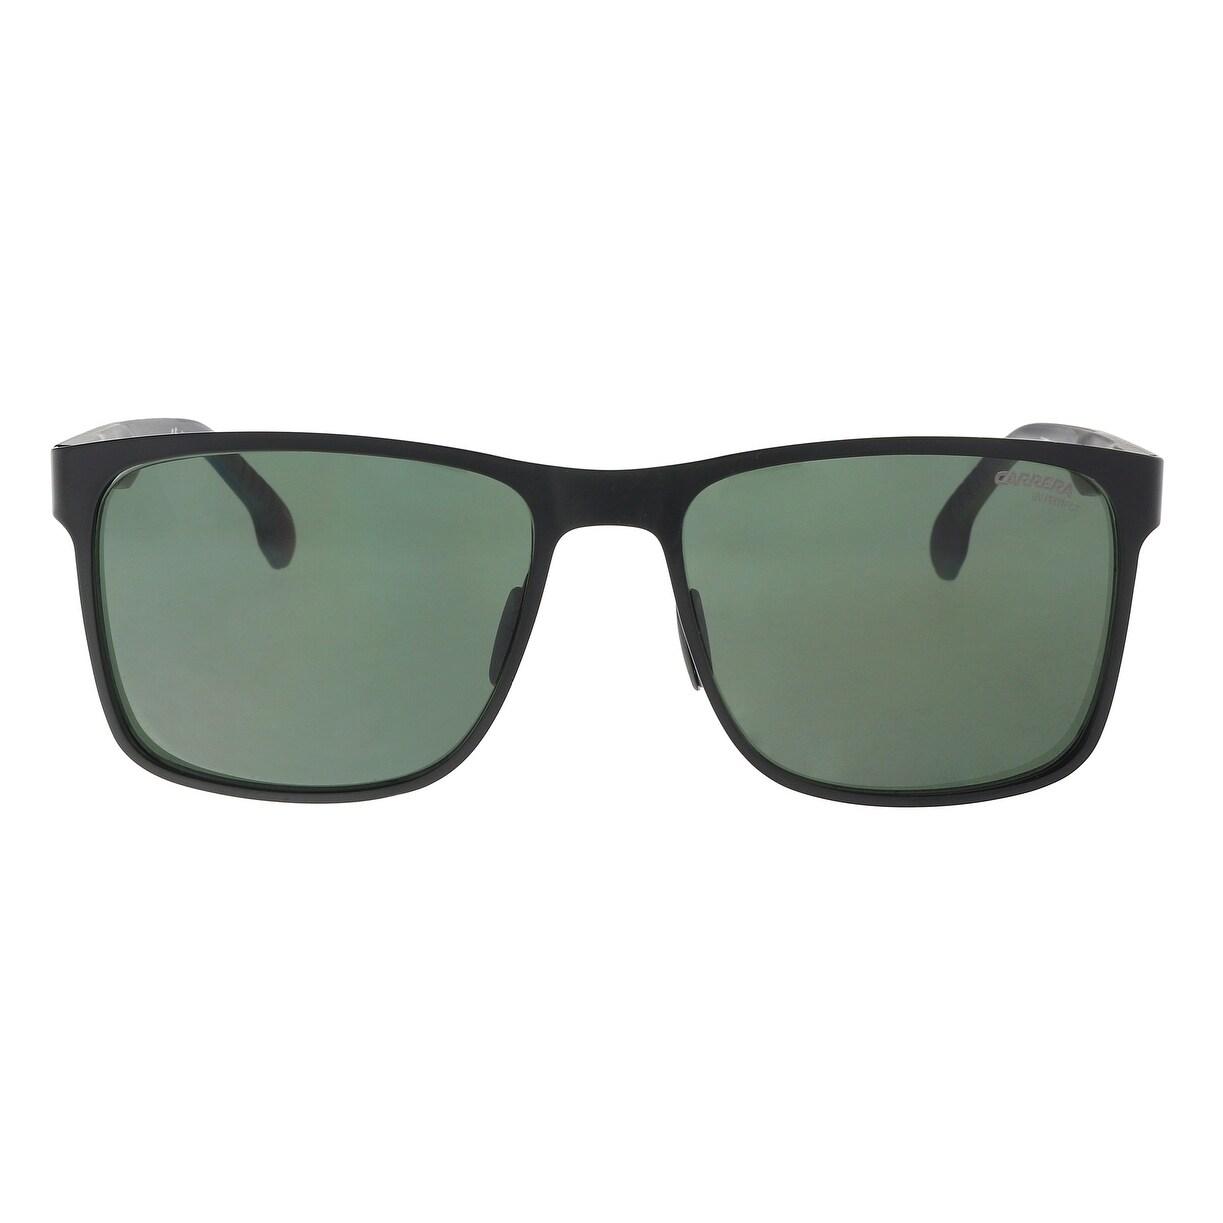 8d1d8410f04 Shop Carrera CARRERA 8026 S 0003-QT Matte Black Rectangle Sunglasses -  57-17-145 - Ships To Canada - Overstock - 21157973